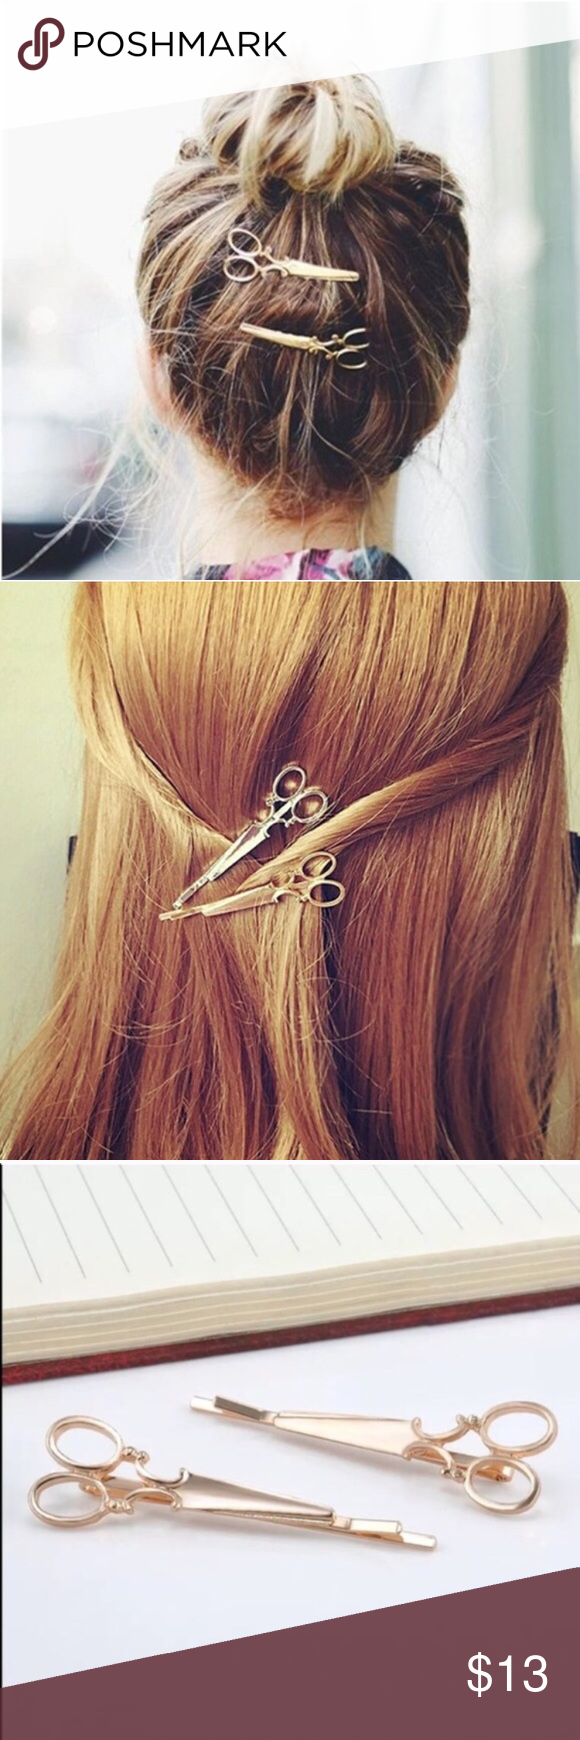 Adorable Gold Scissor Hair Clips